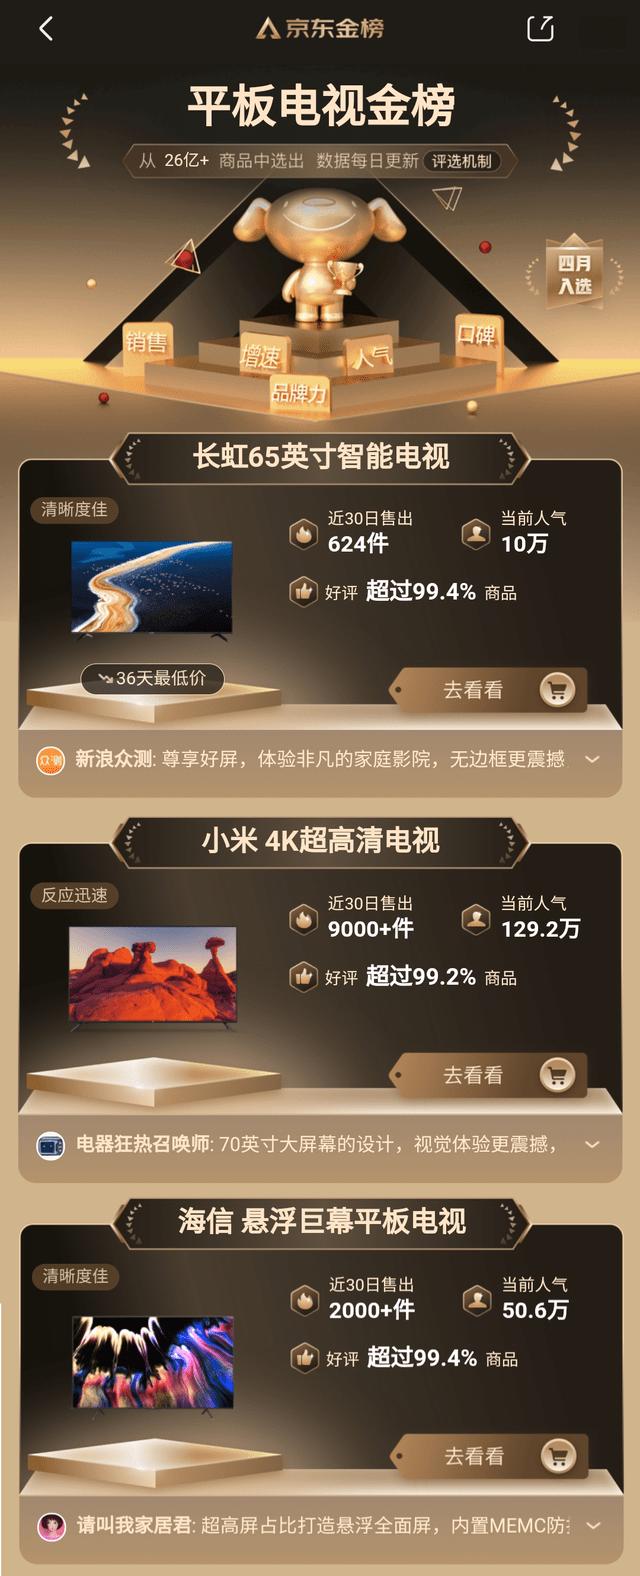 京东液晶电视金榜公布:小米第二,海信第三,第一名让人意外